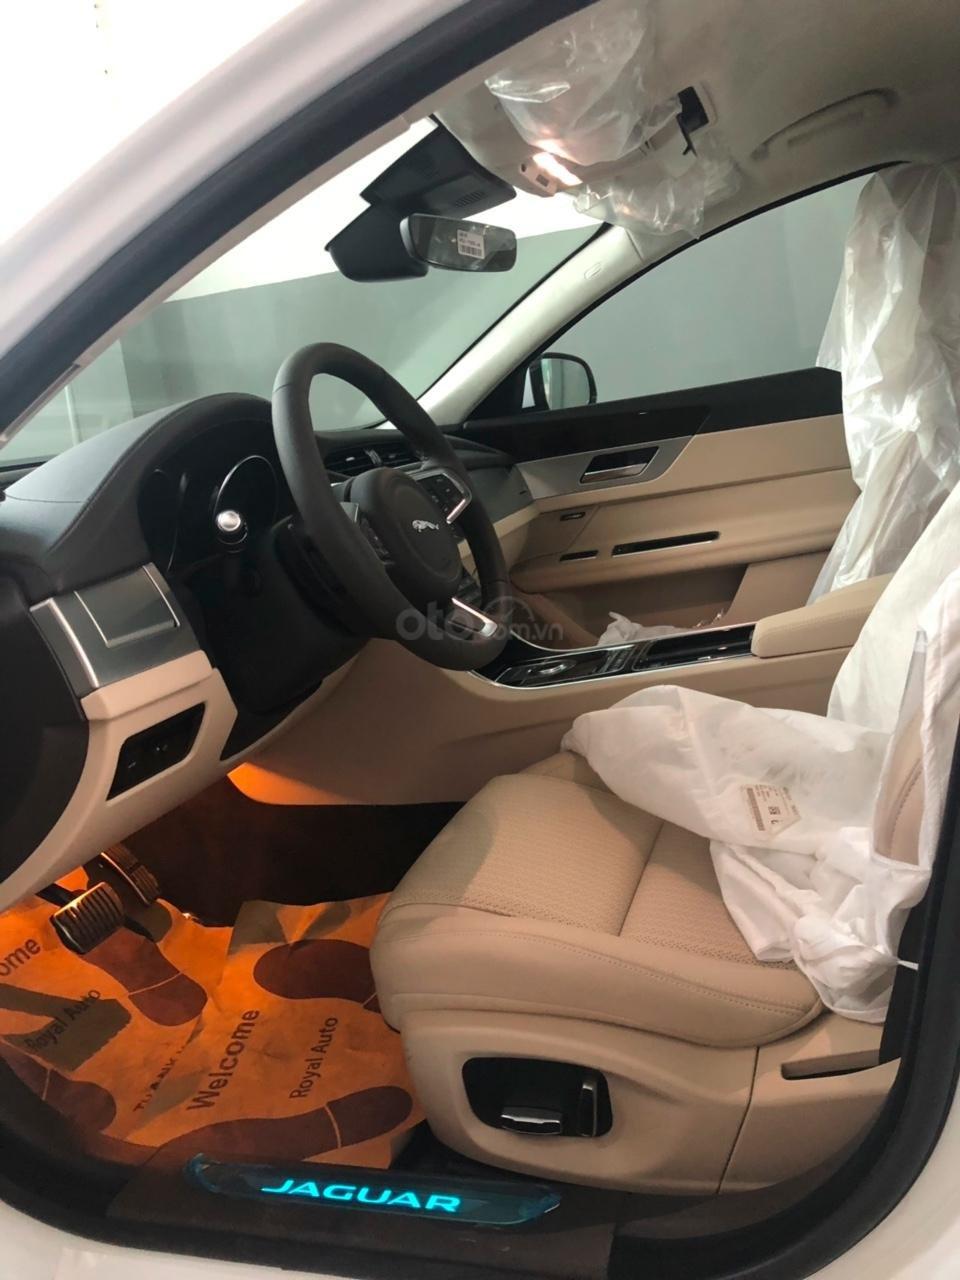 093 22222 53 - Bán giá xe Jaguar XF Prestige sản xuất 2018 - 2019 màu trắng, màu đỏ, đen giao xe ngay-4